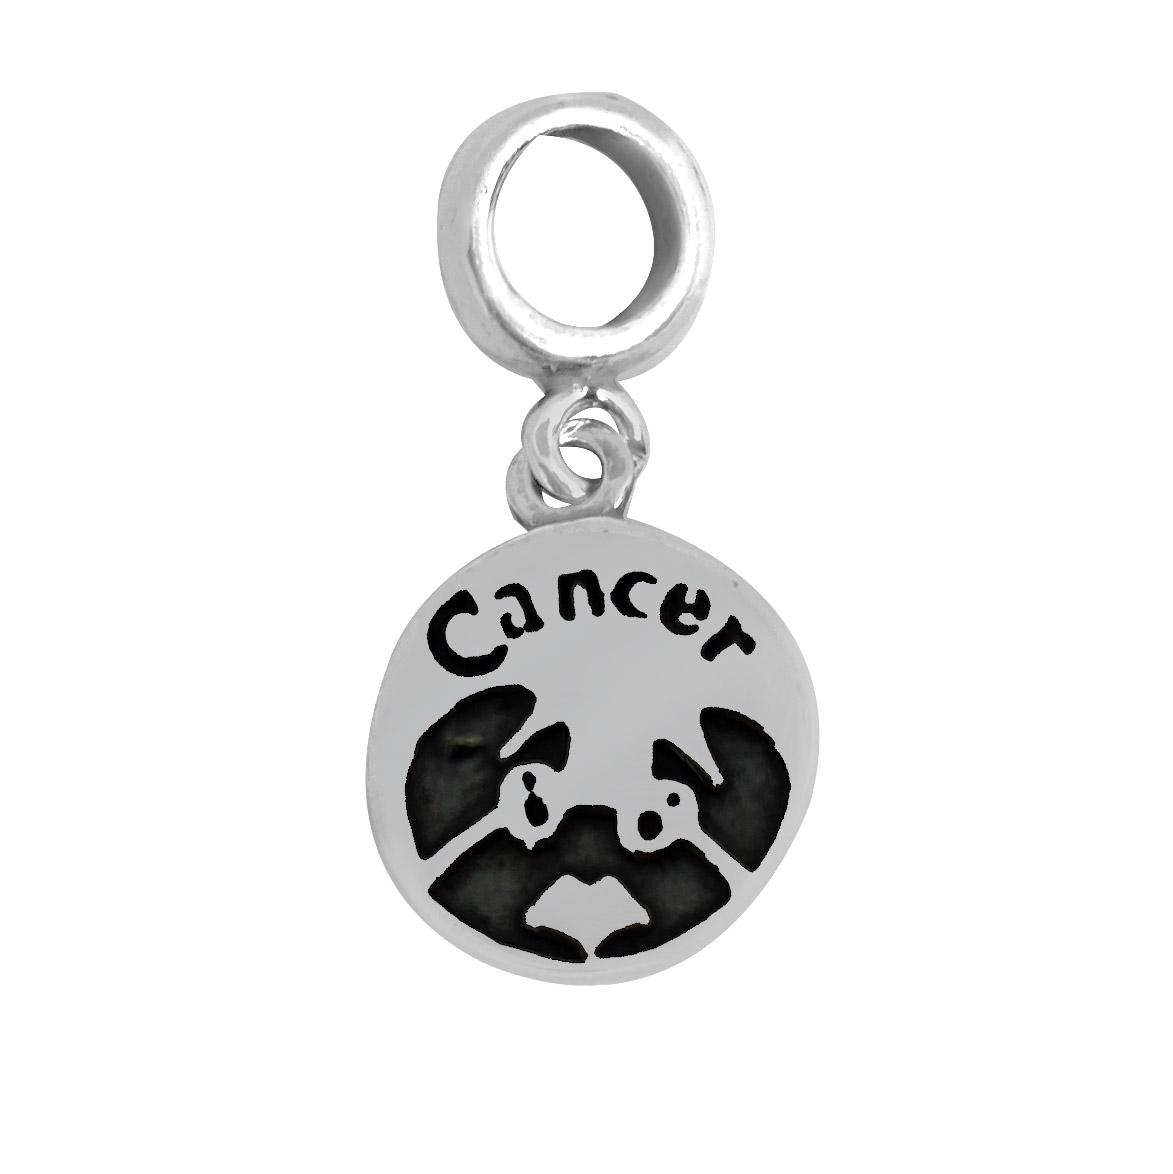 Berloque Signos Cancer